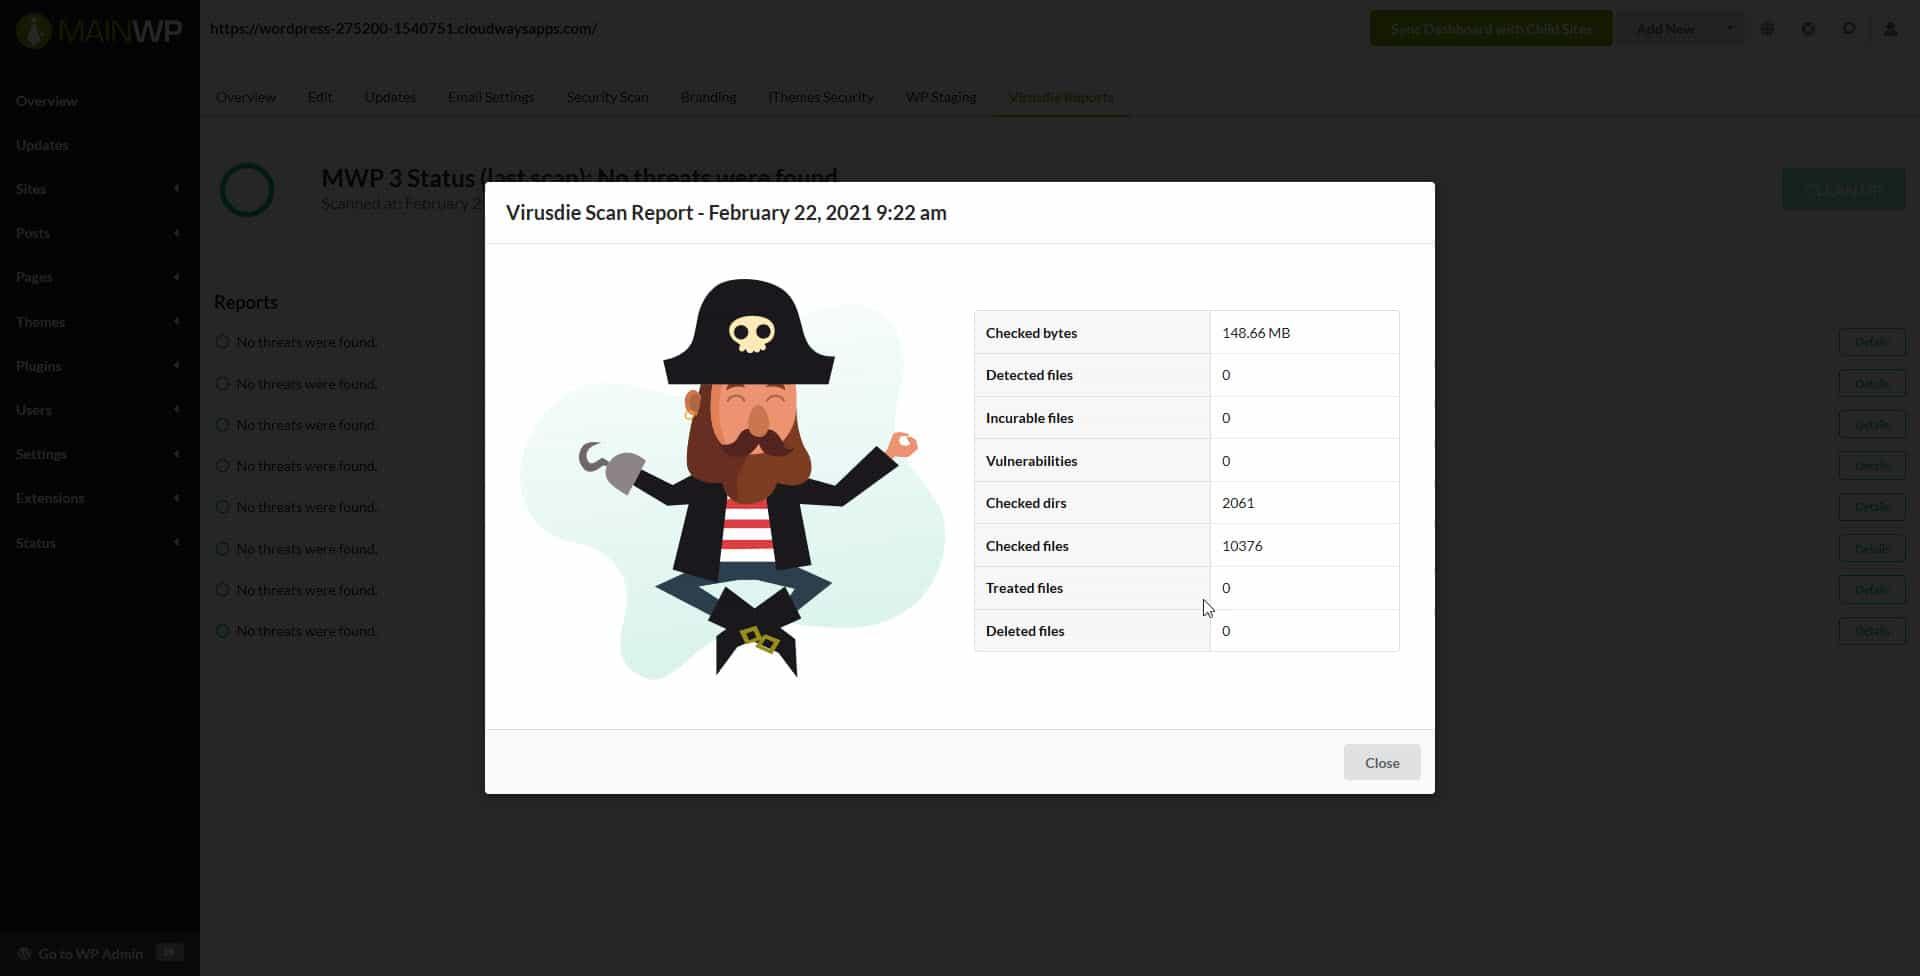 Virusdie report